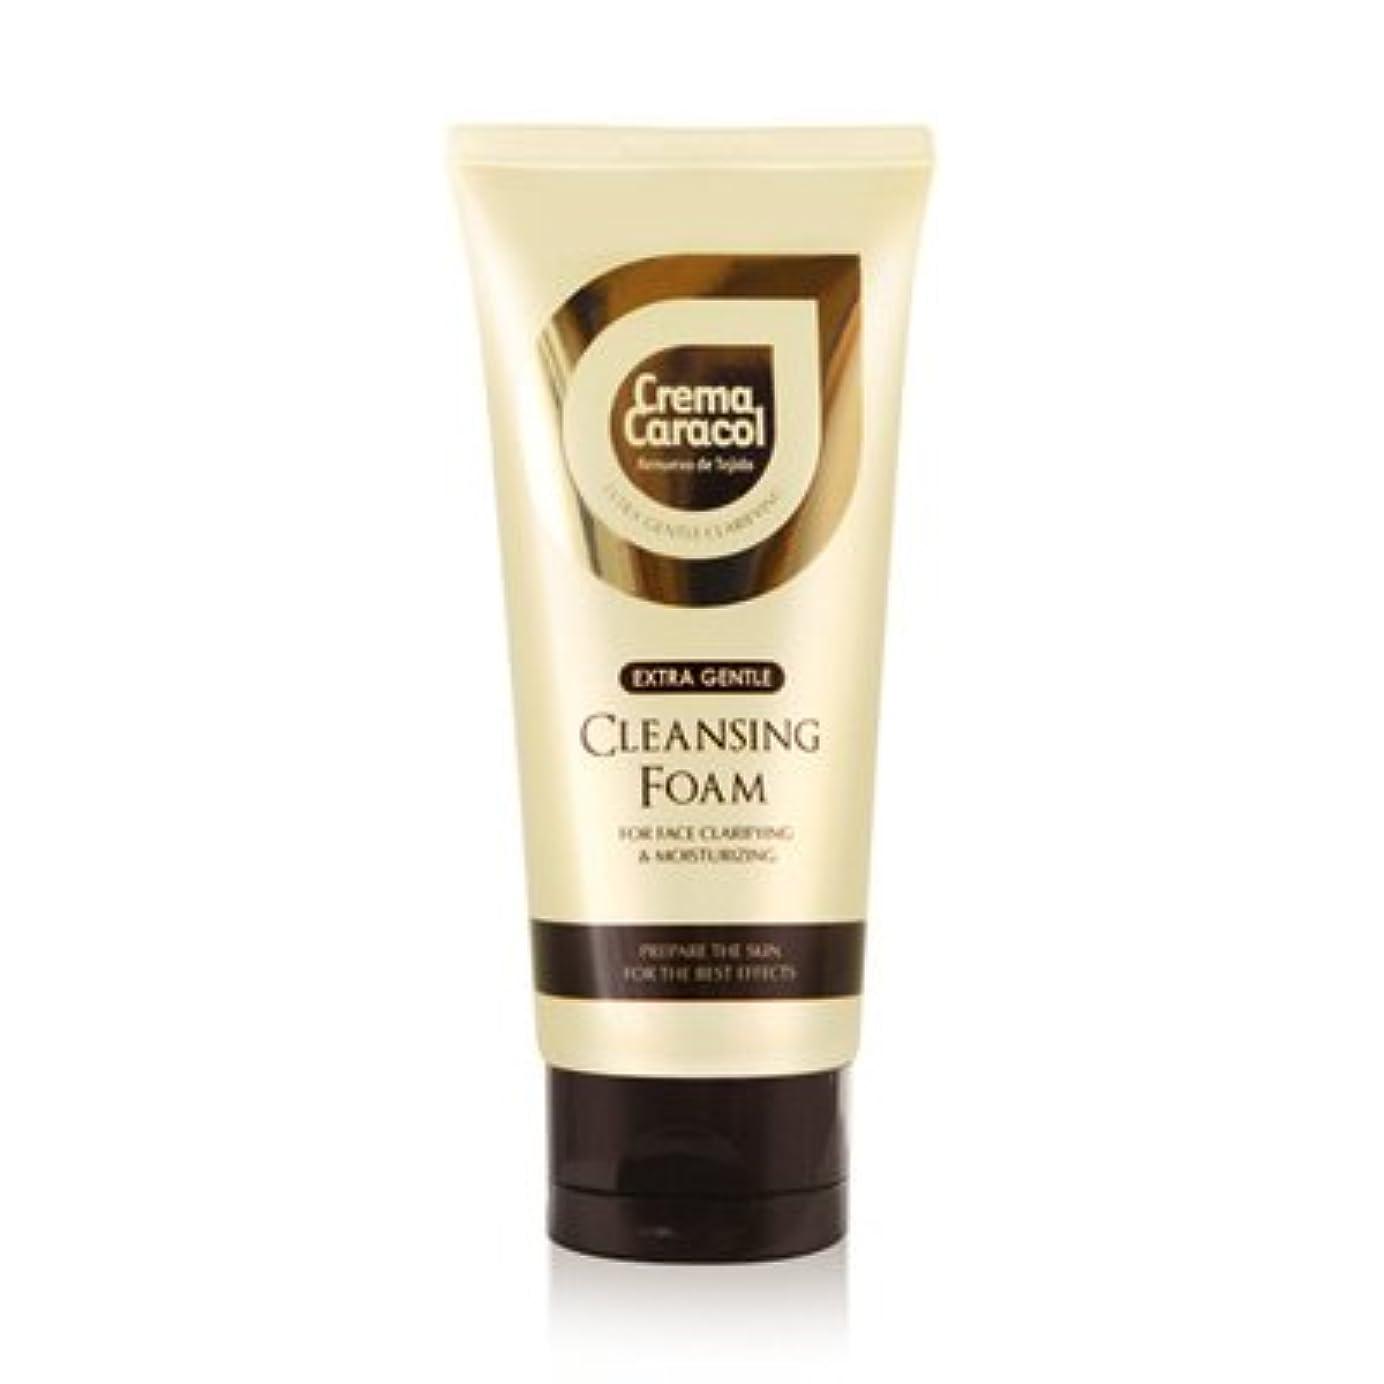 自殺化合物何かジャミンギョン [Jaminkyung] Crema Caracol Extra Gentle Cleansing Foam175ml エクストラジェントル カタツムリクレンジングフォーム175ml